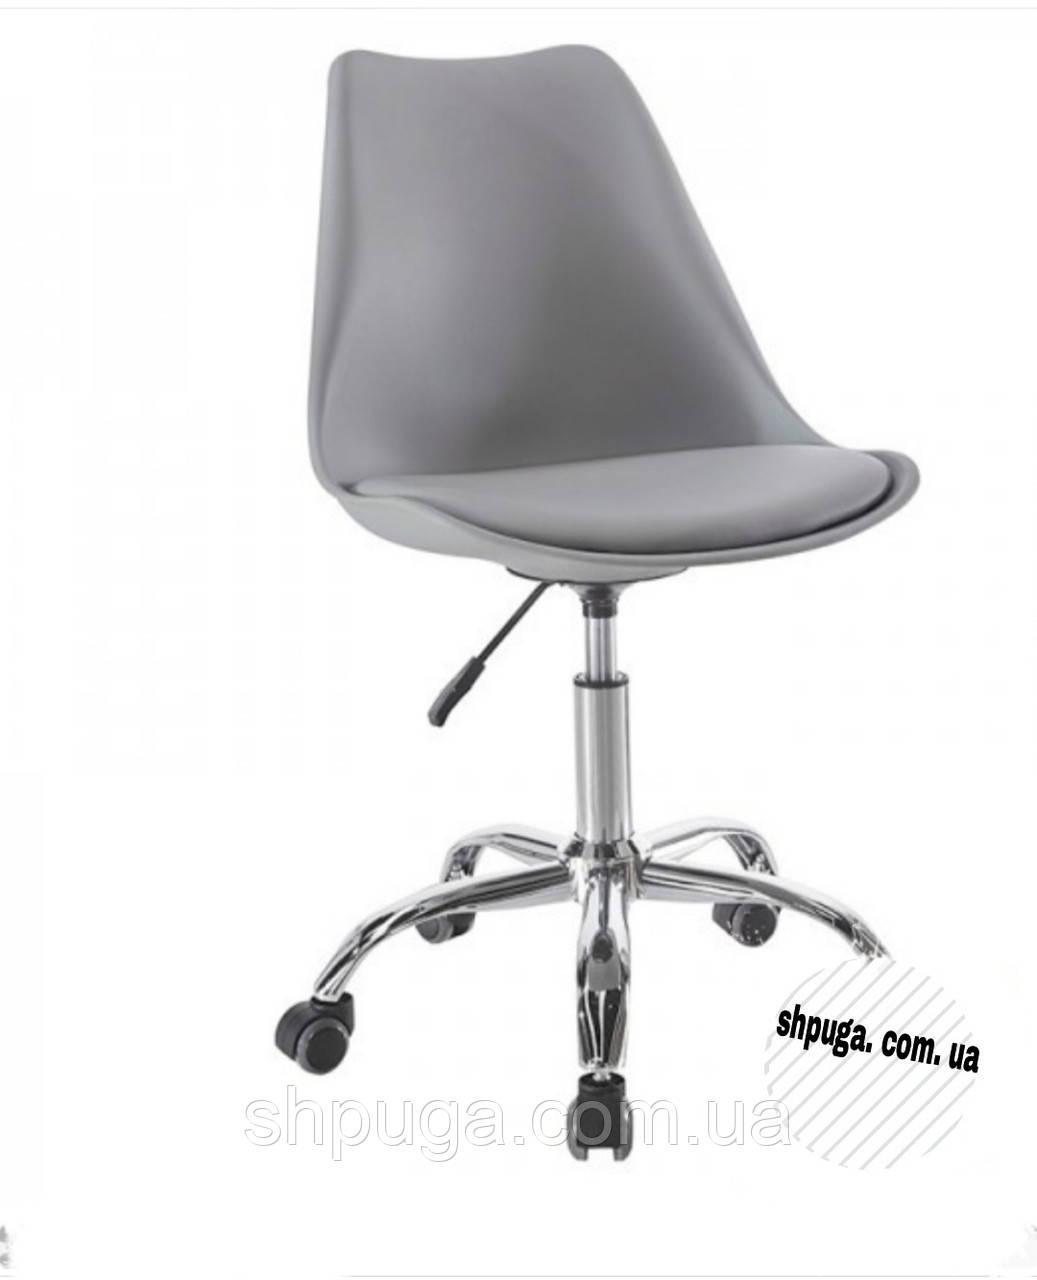 Кресло на колесах Астер, пластик ,сиденье с подушкой, цвет серый.